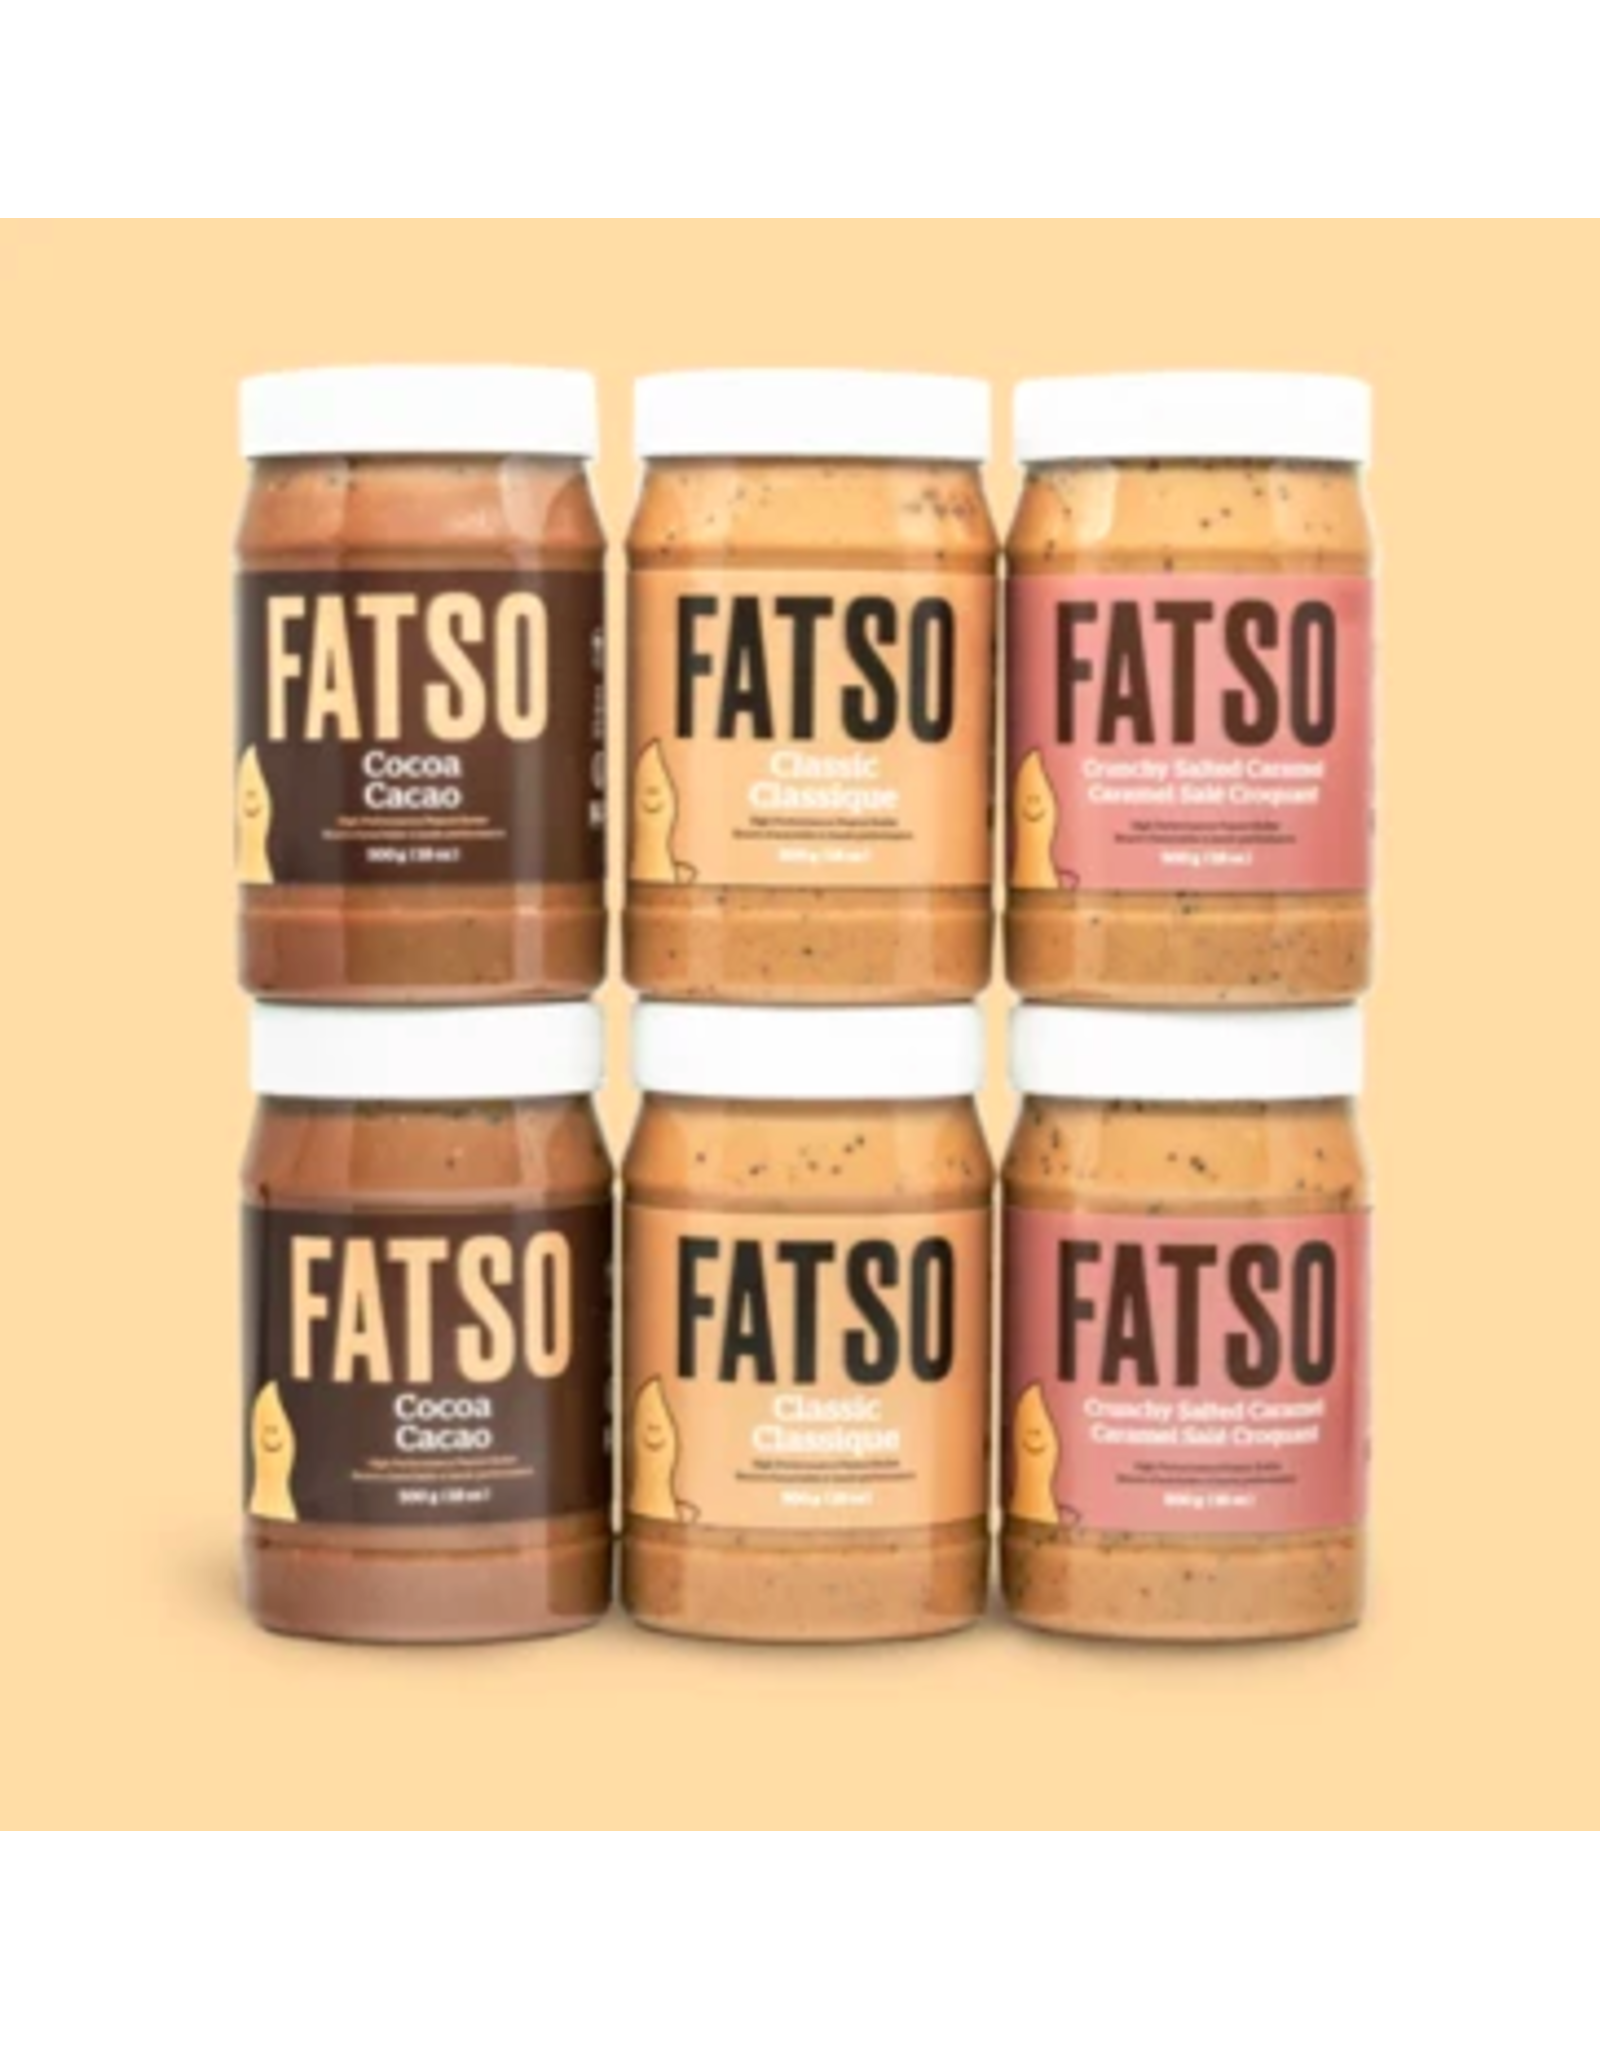 Fatso  cocoa 500g